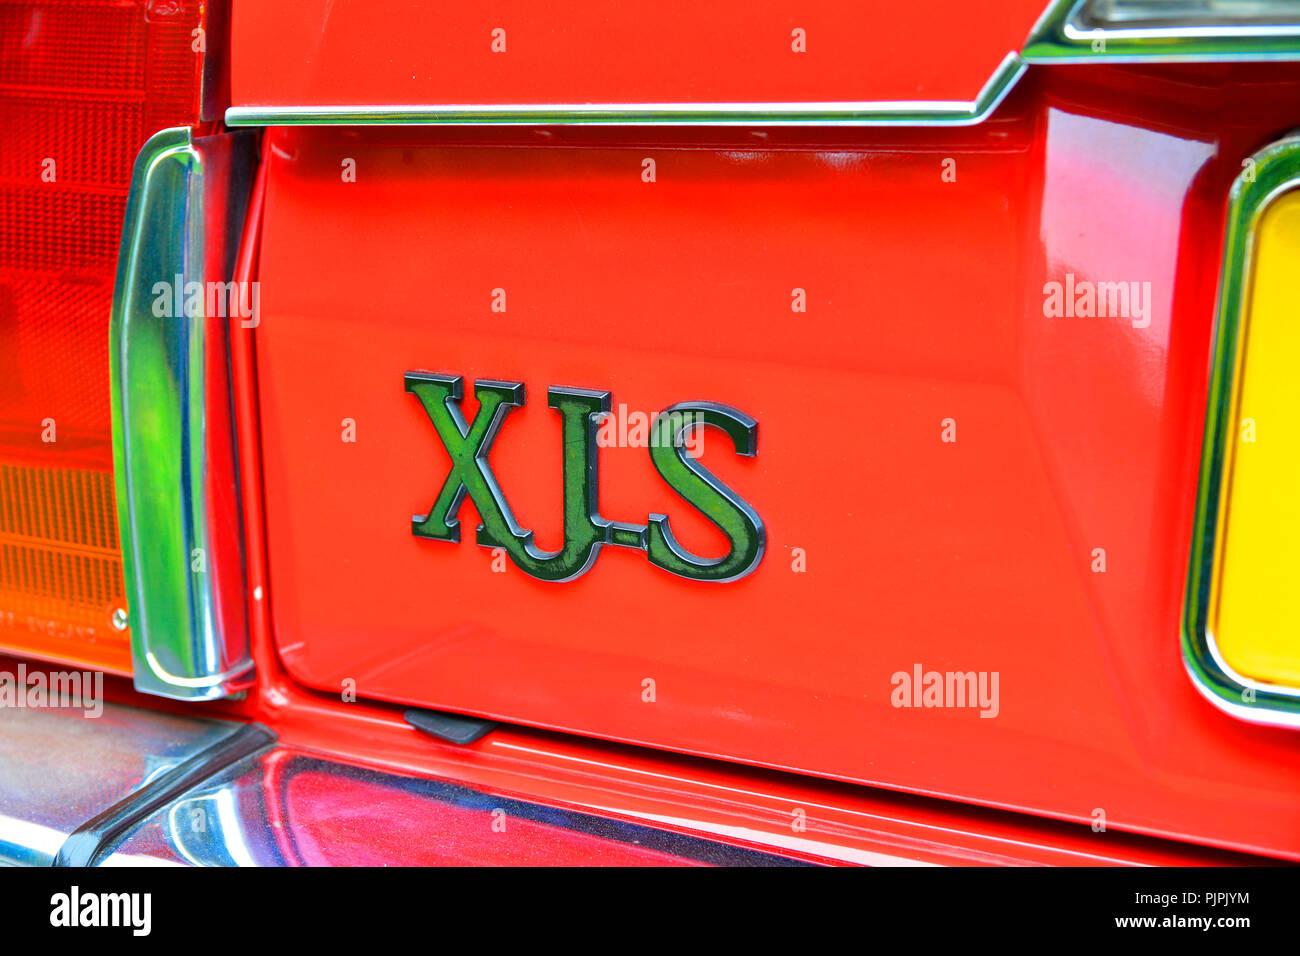 Close up photograph of a classic Jaguar XJS car - Stock Image